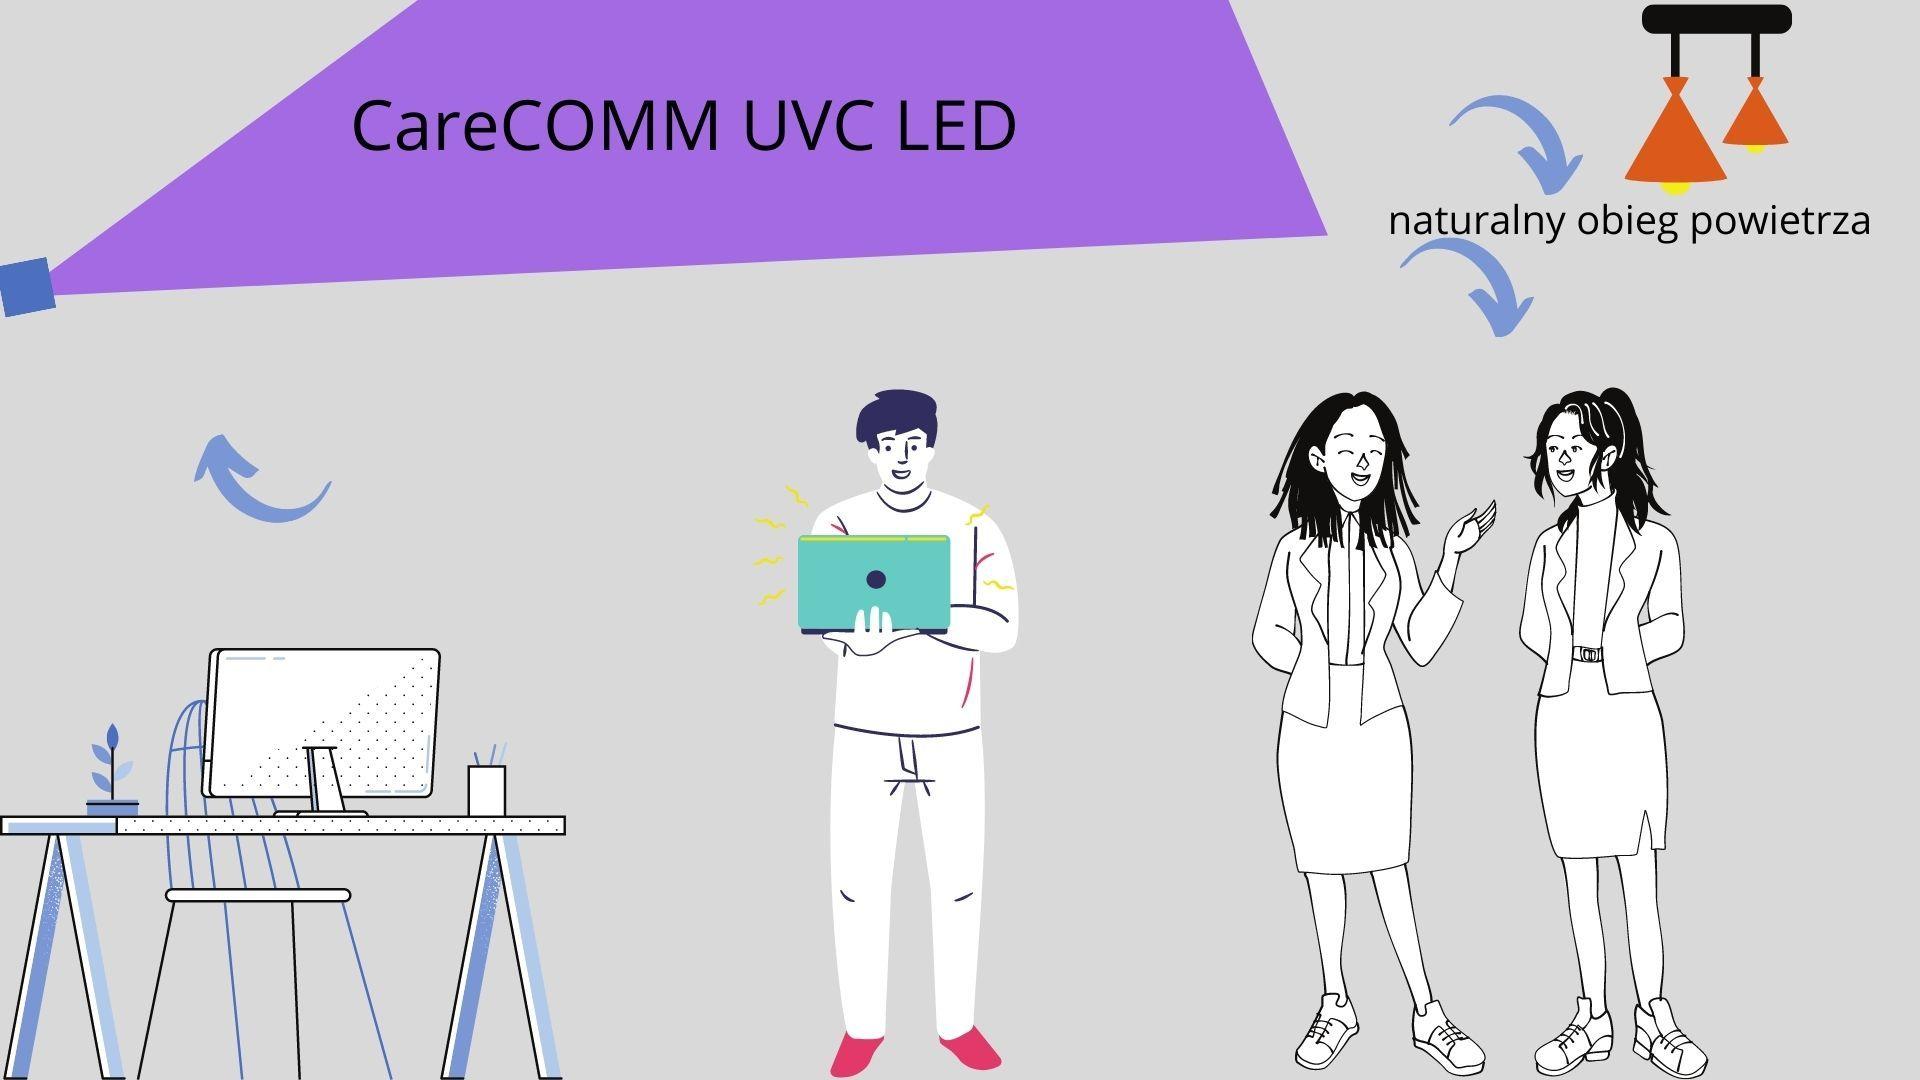 Materiał Partnera: Technologia LED w naświetlaniu UVC – najszybsza dezynfekcja powierzchni potwierdzona badaniami